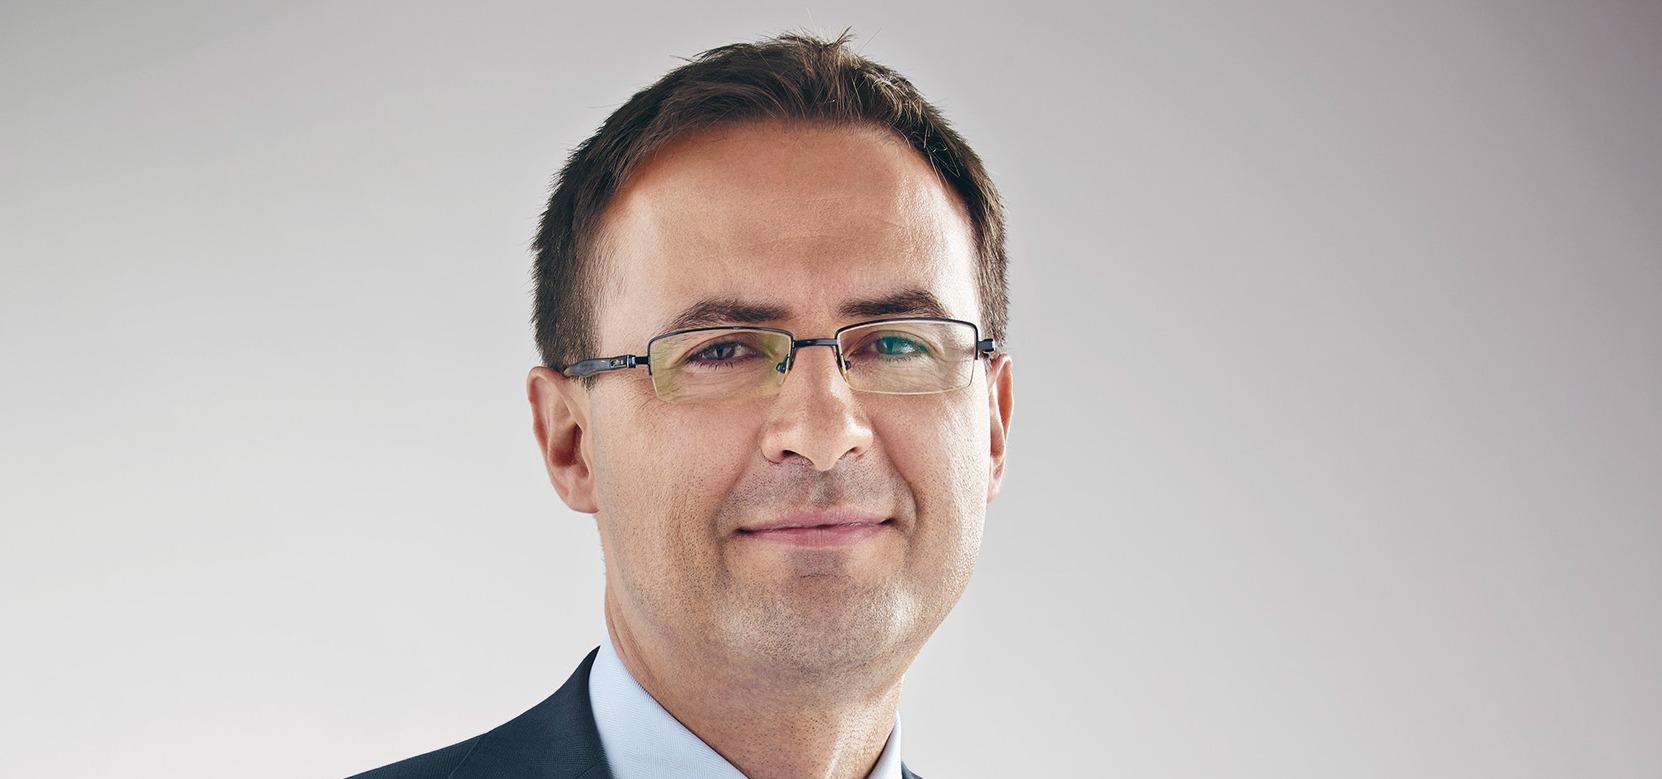 Skupina HB Reavis má nového finančního ředitele a oznamuje změny v boardu